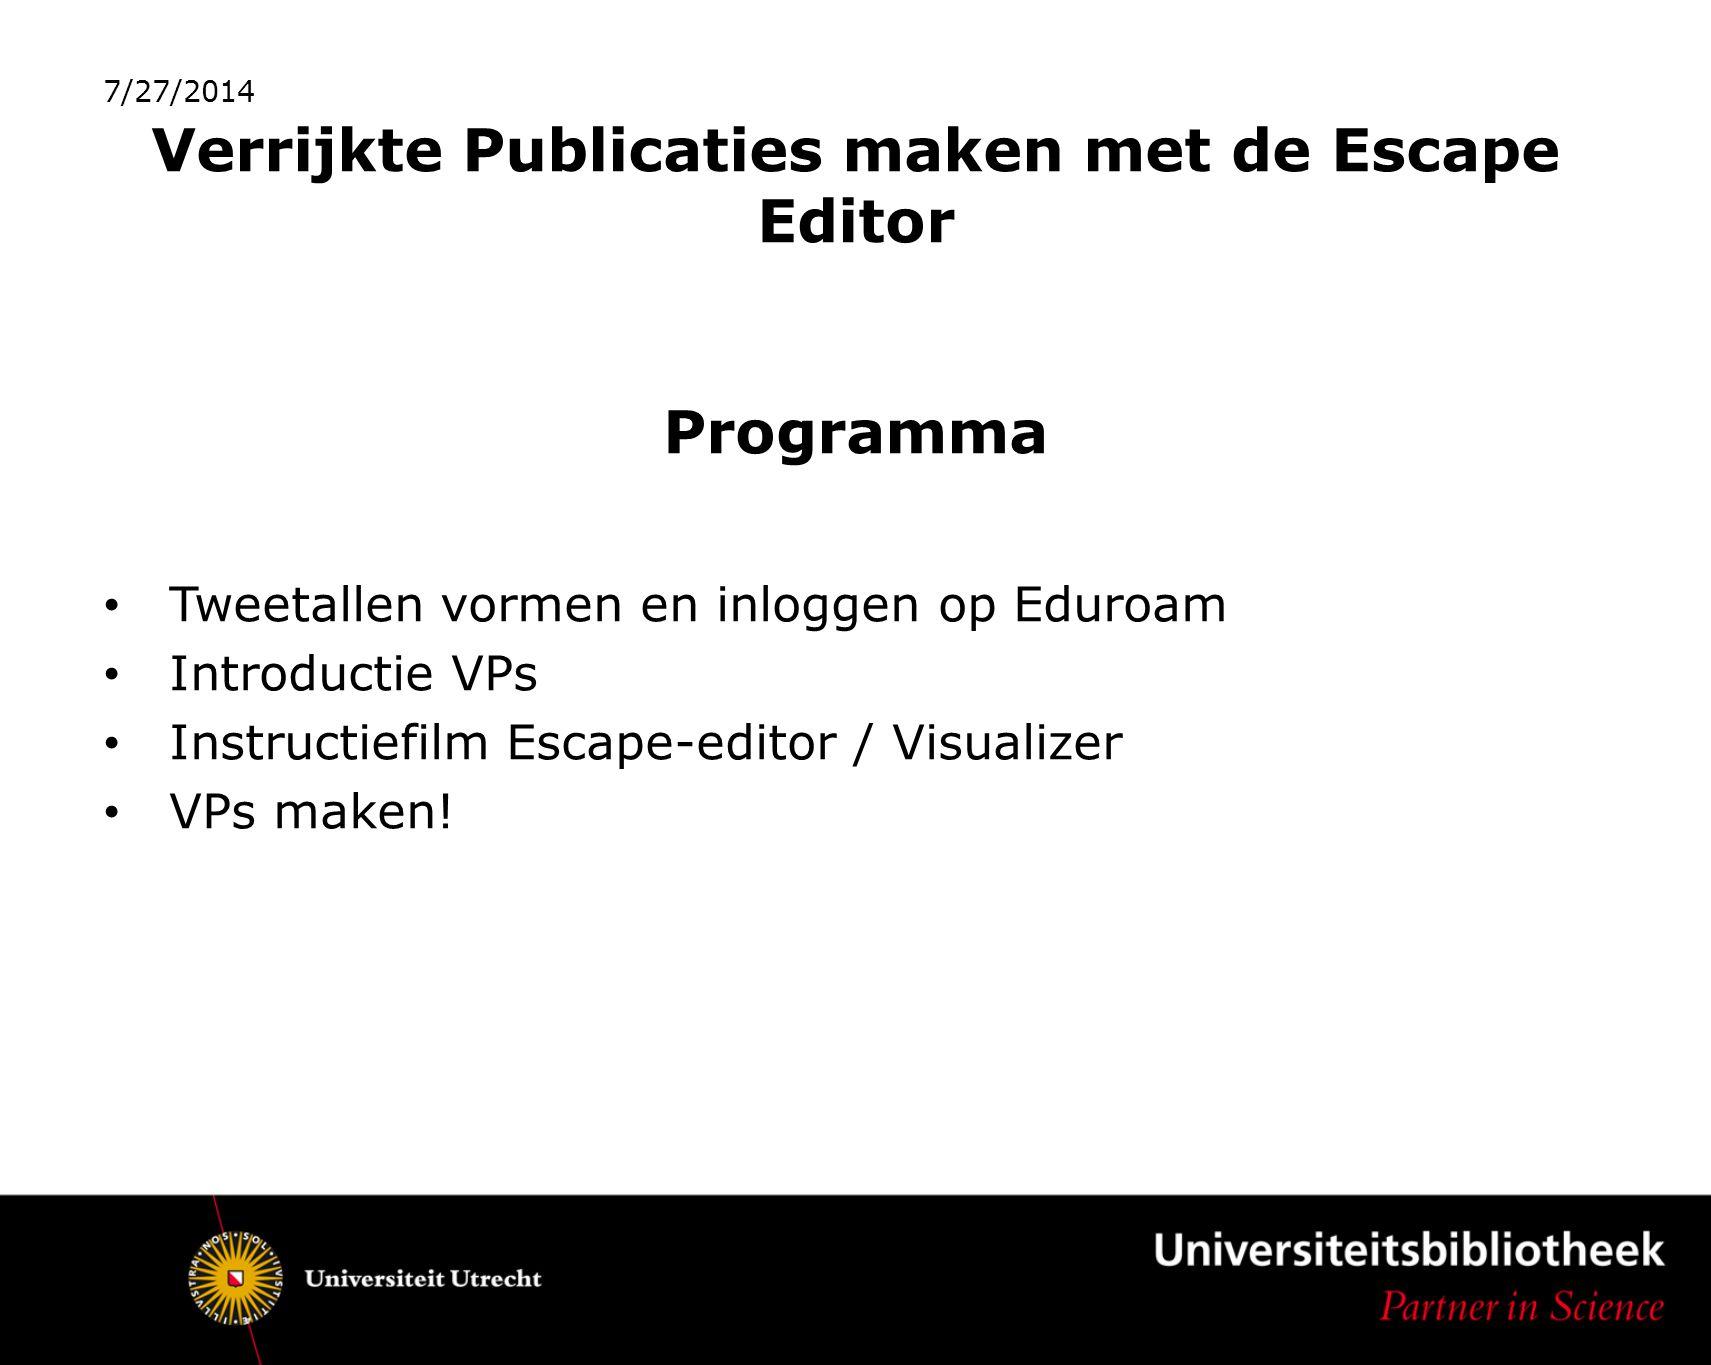 Verrijkte Publicaties maken met de Escape Editor Programma Tweetallen vormen en inloggen op Eduroam Introductie VPs Instructiefilm Escape-editor / Visualizer VPs maken.